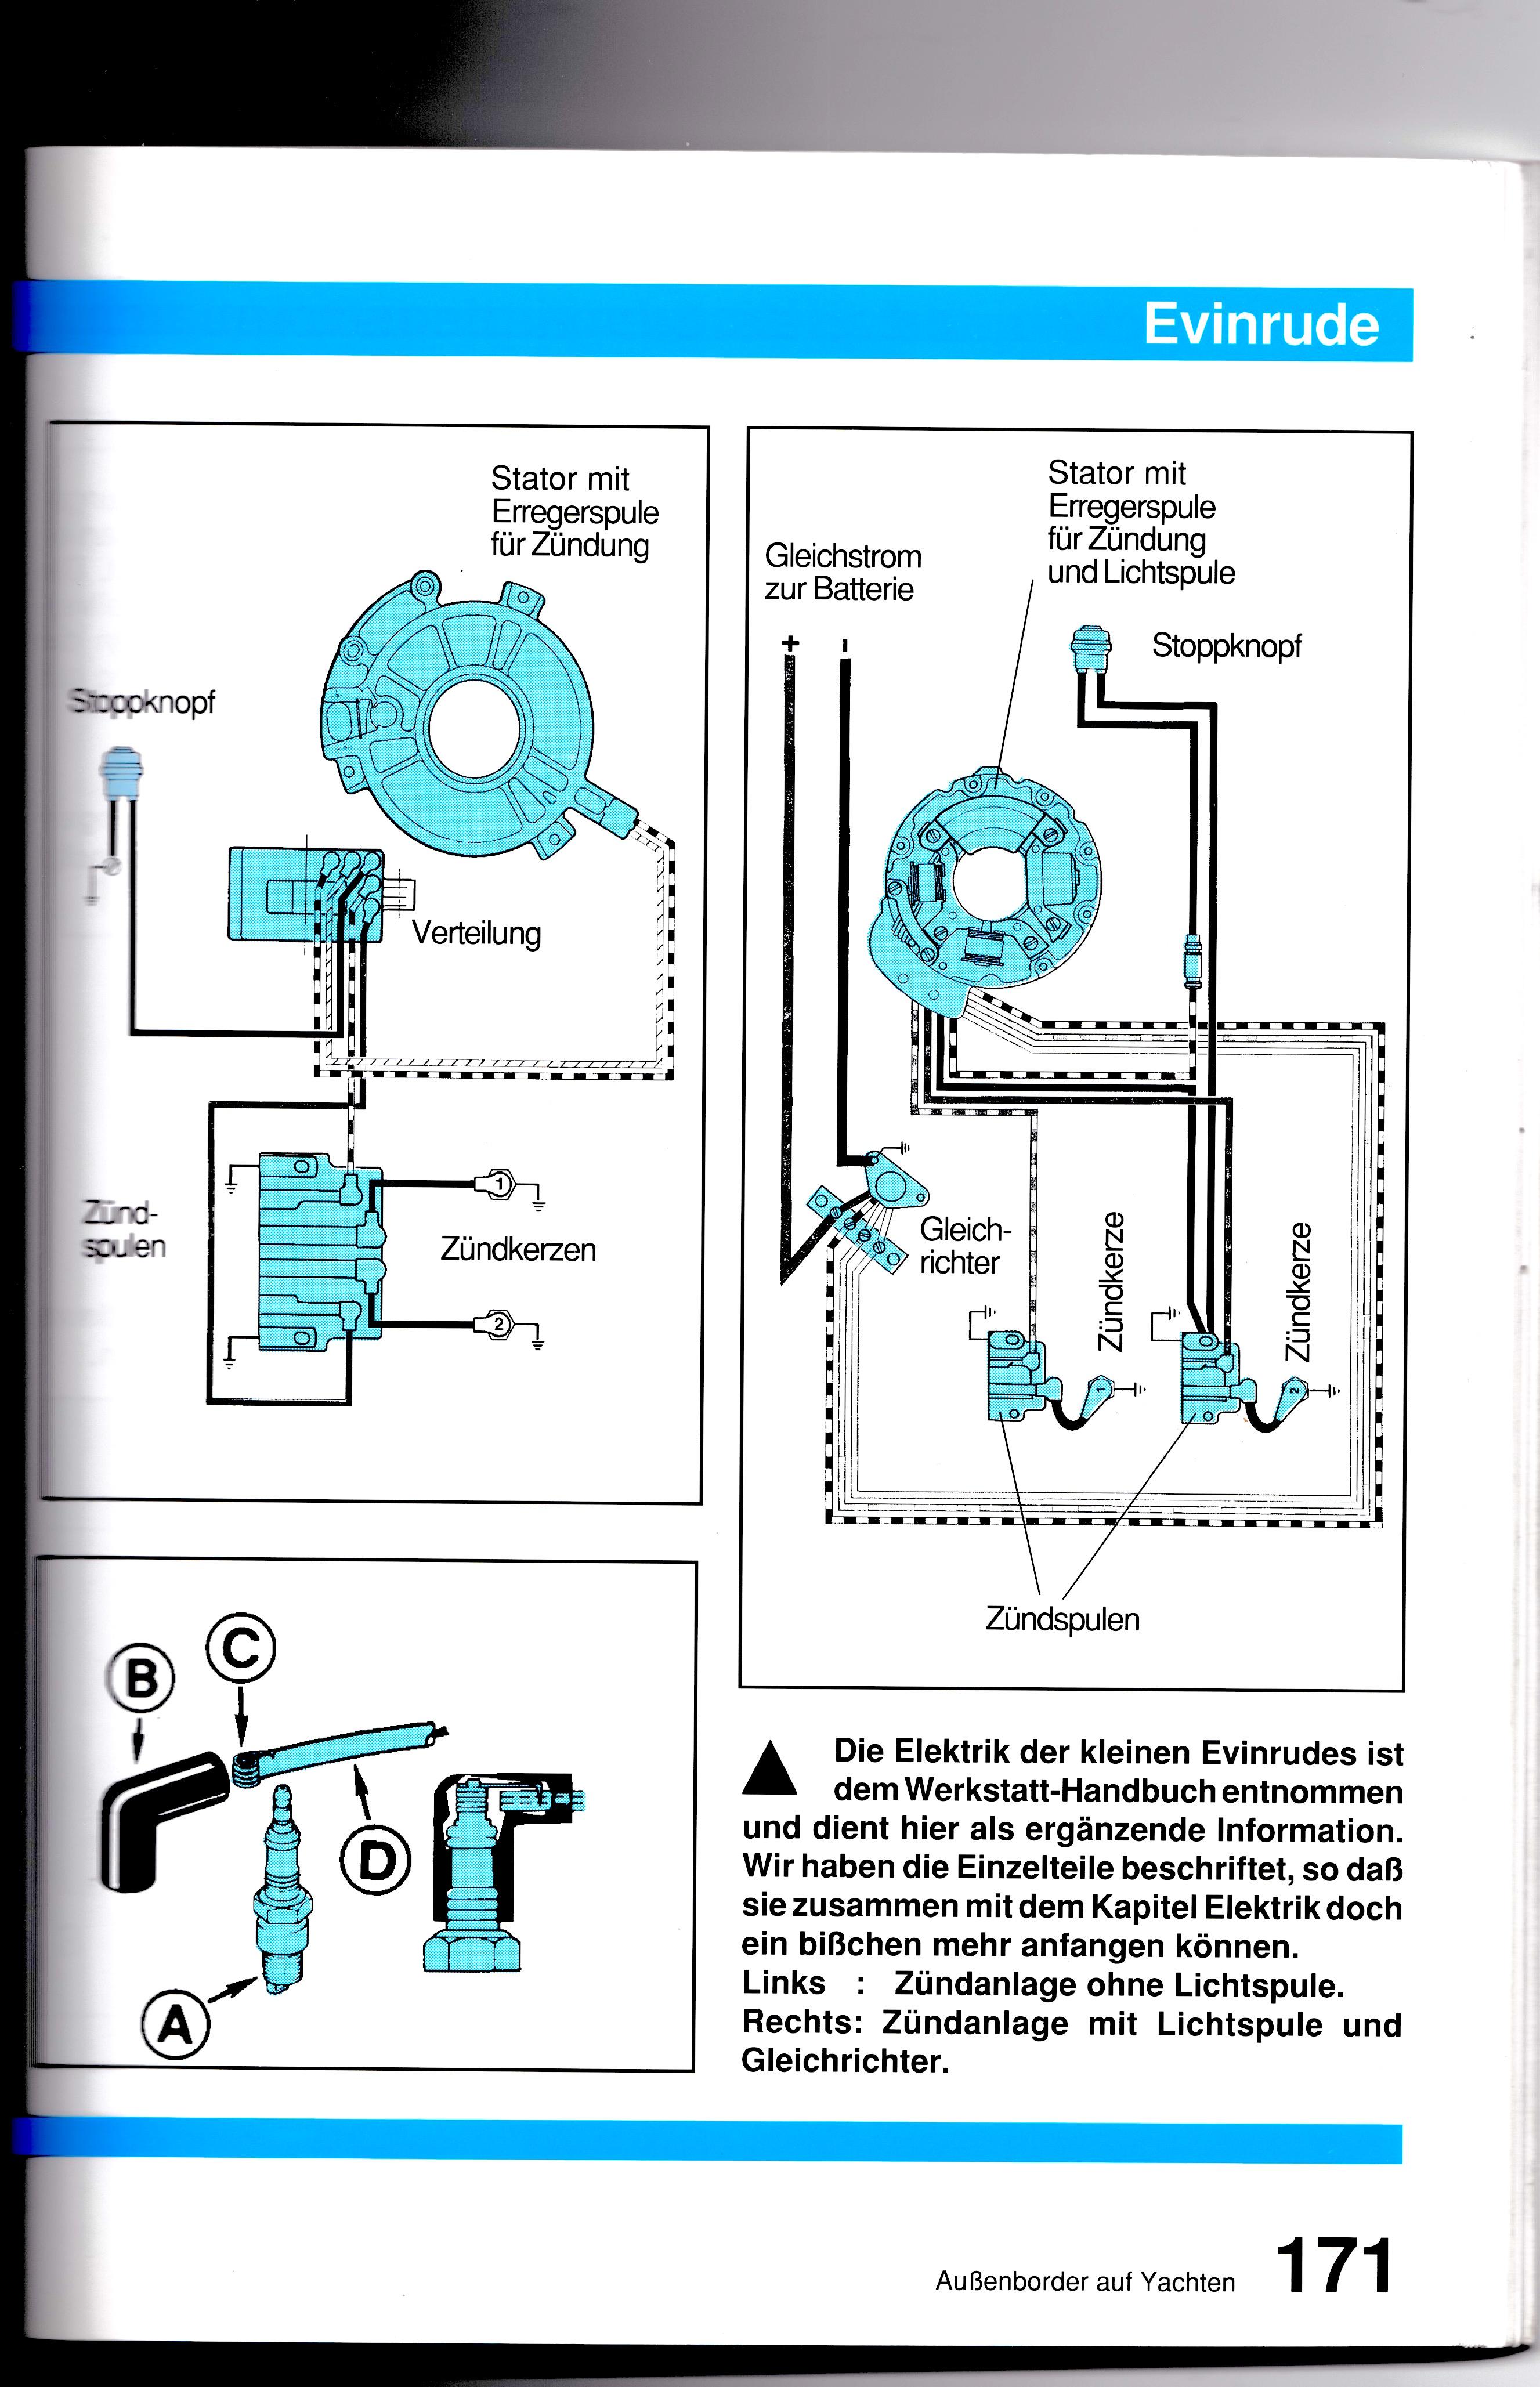 Tolle Yamaha 40 Außenbord Schaltplan Ideen - Elektrische Schaltplan ...